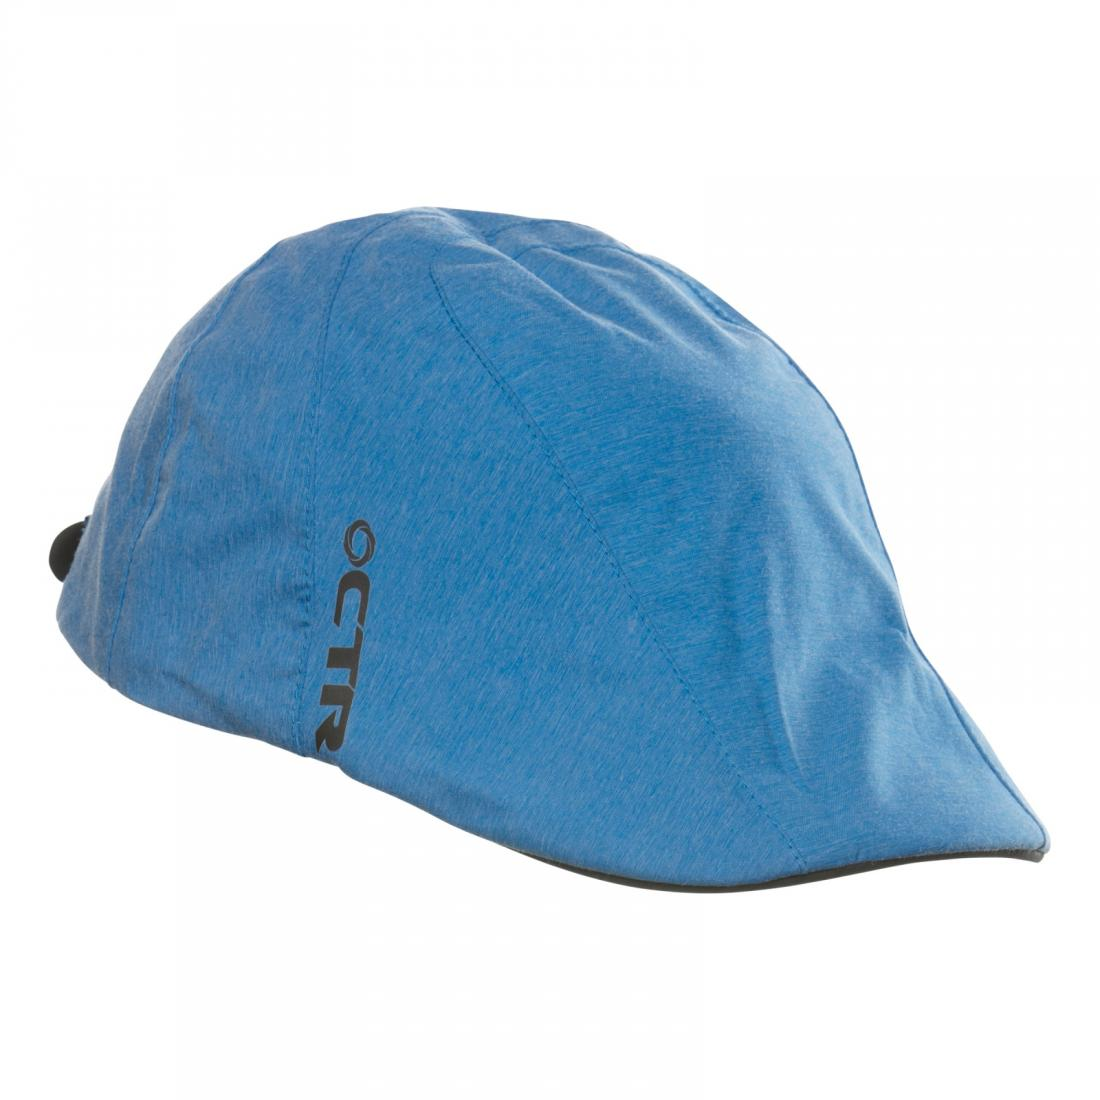 Кепка Chaos  Stratus Cabbie Rain HatКепки<br><br> Для тех, кто действительно любит спорт и прогулки на свежем воздухе, даже дождливая погода не может быть преградой. Особенно если надеть кепку Chaos Stratus Cabbie Rain Hat.В ней не страшны ни осадки, ни яркие солнечные лучи, а значит, вы всегда б...<br><br>Цвет: Голубой<br>Размер: S-M